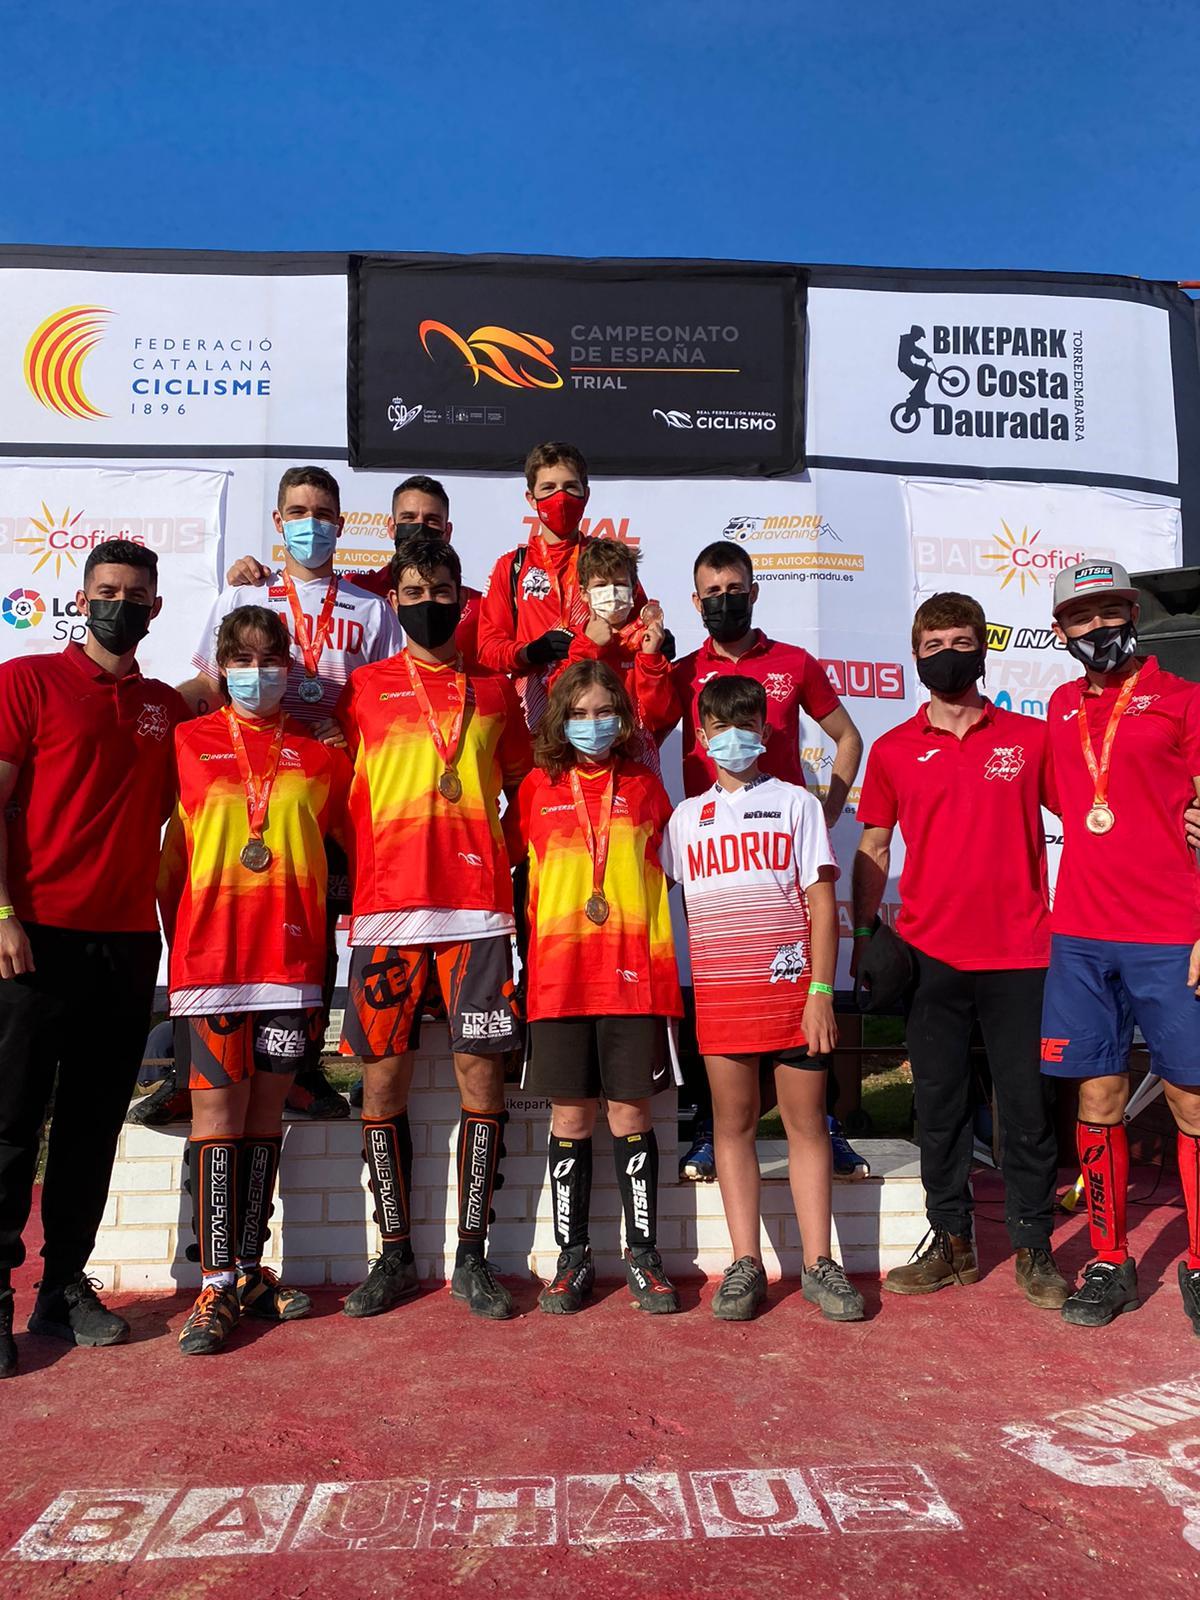 Siete medallas adornan el magnífico papel de la Selección Madrileña de trial en los Campeonatos de España